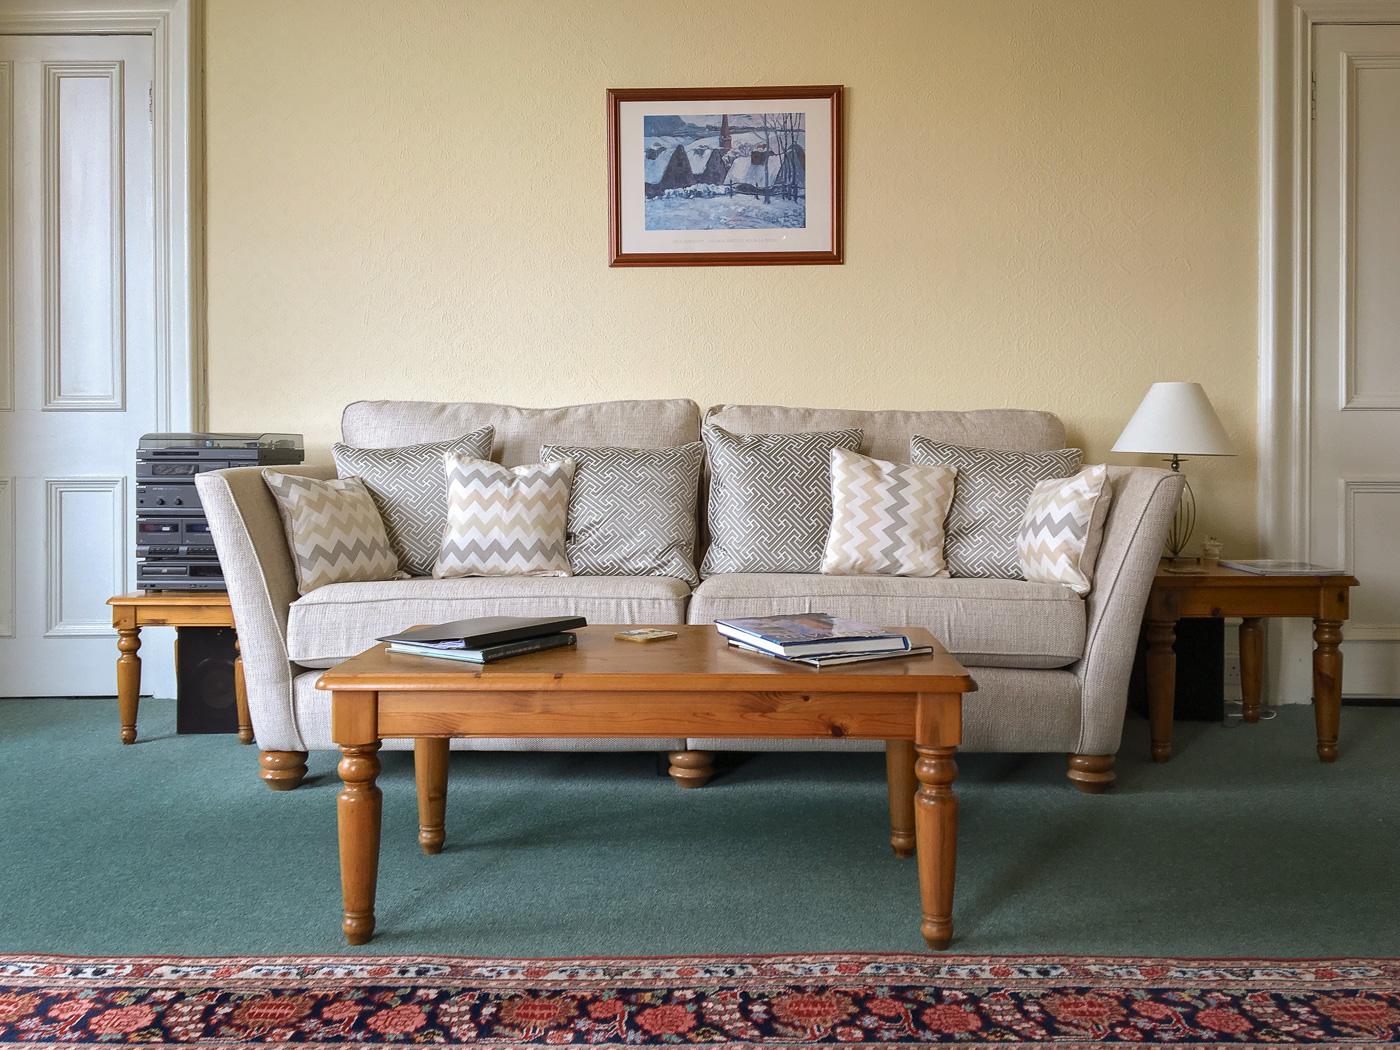 Eins von zwei Sofas, Old St. Michaels